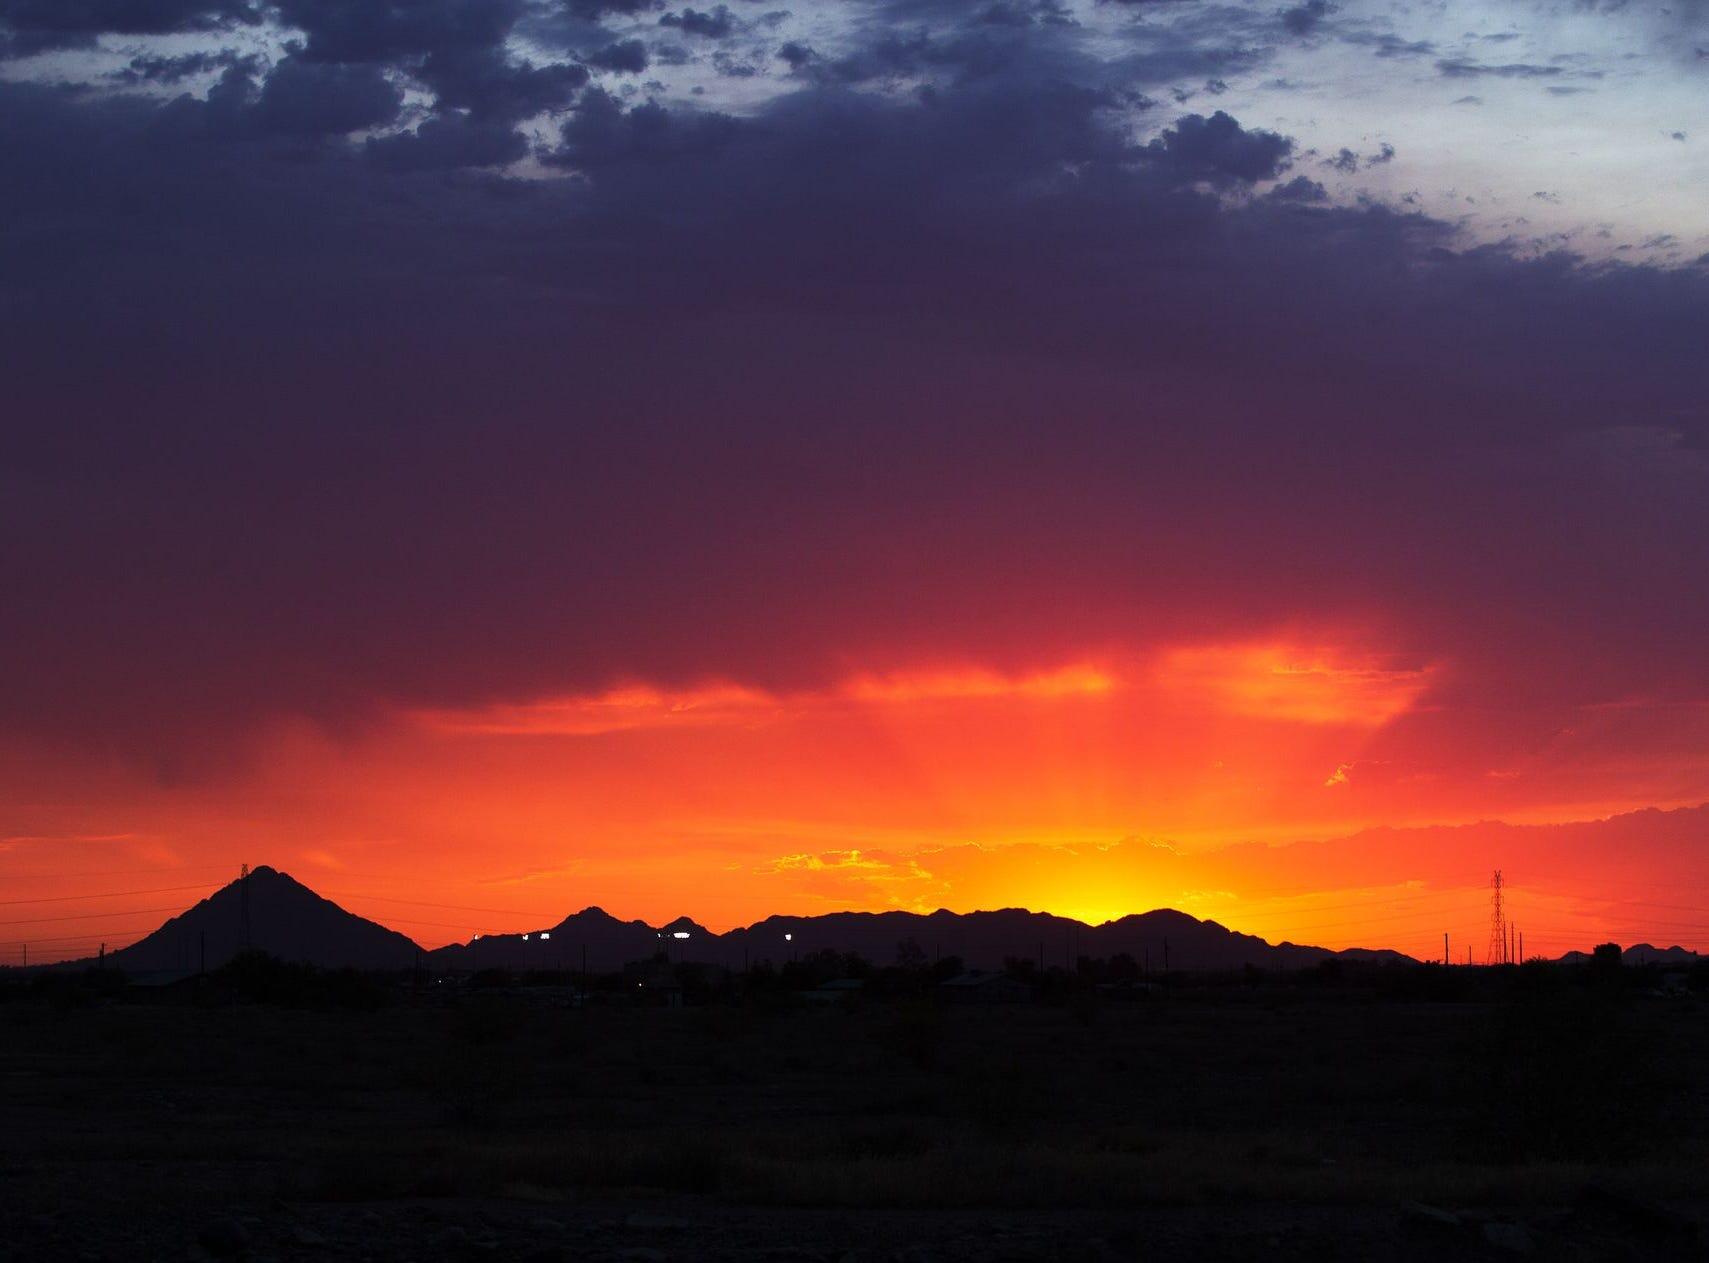 La puesta de sol brilla de color naranja brillante en el cielo sobre Phoenix, Arizona, el primer día del verano 20 de junio de 2016.